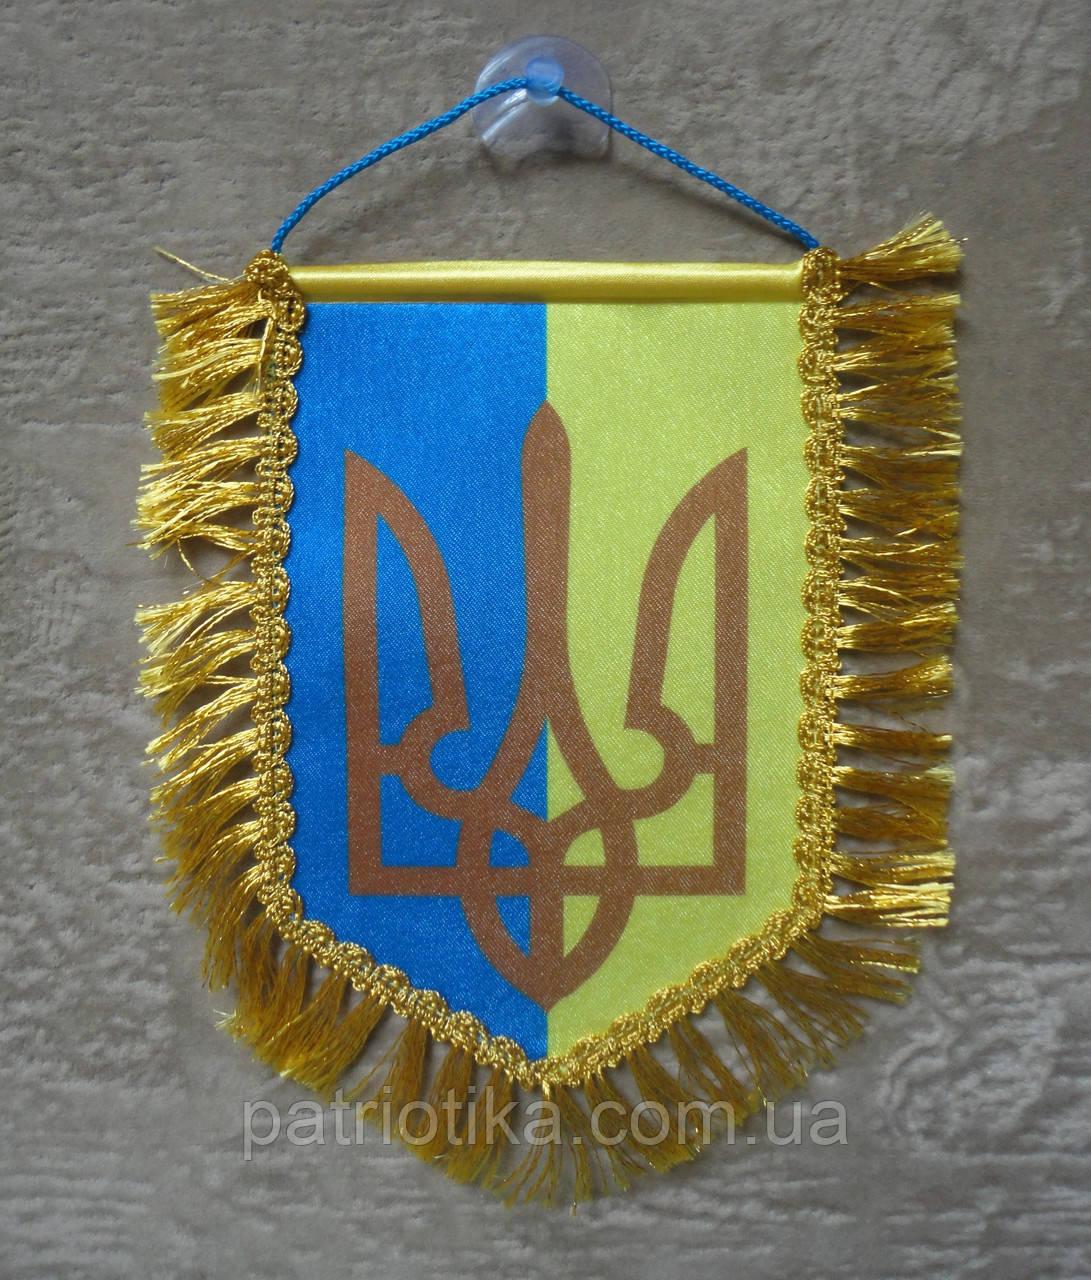 Вимпел України двоколірний | Вимпел України двоколірний 16х11 см з бахромою|з бахромою